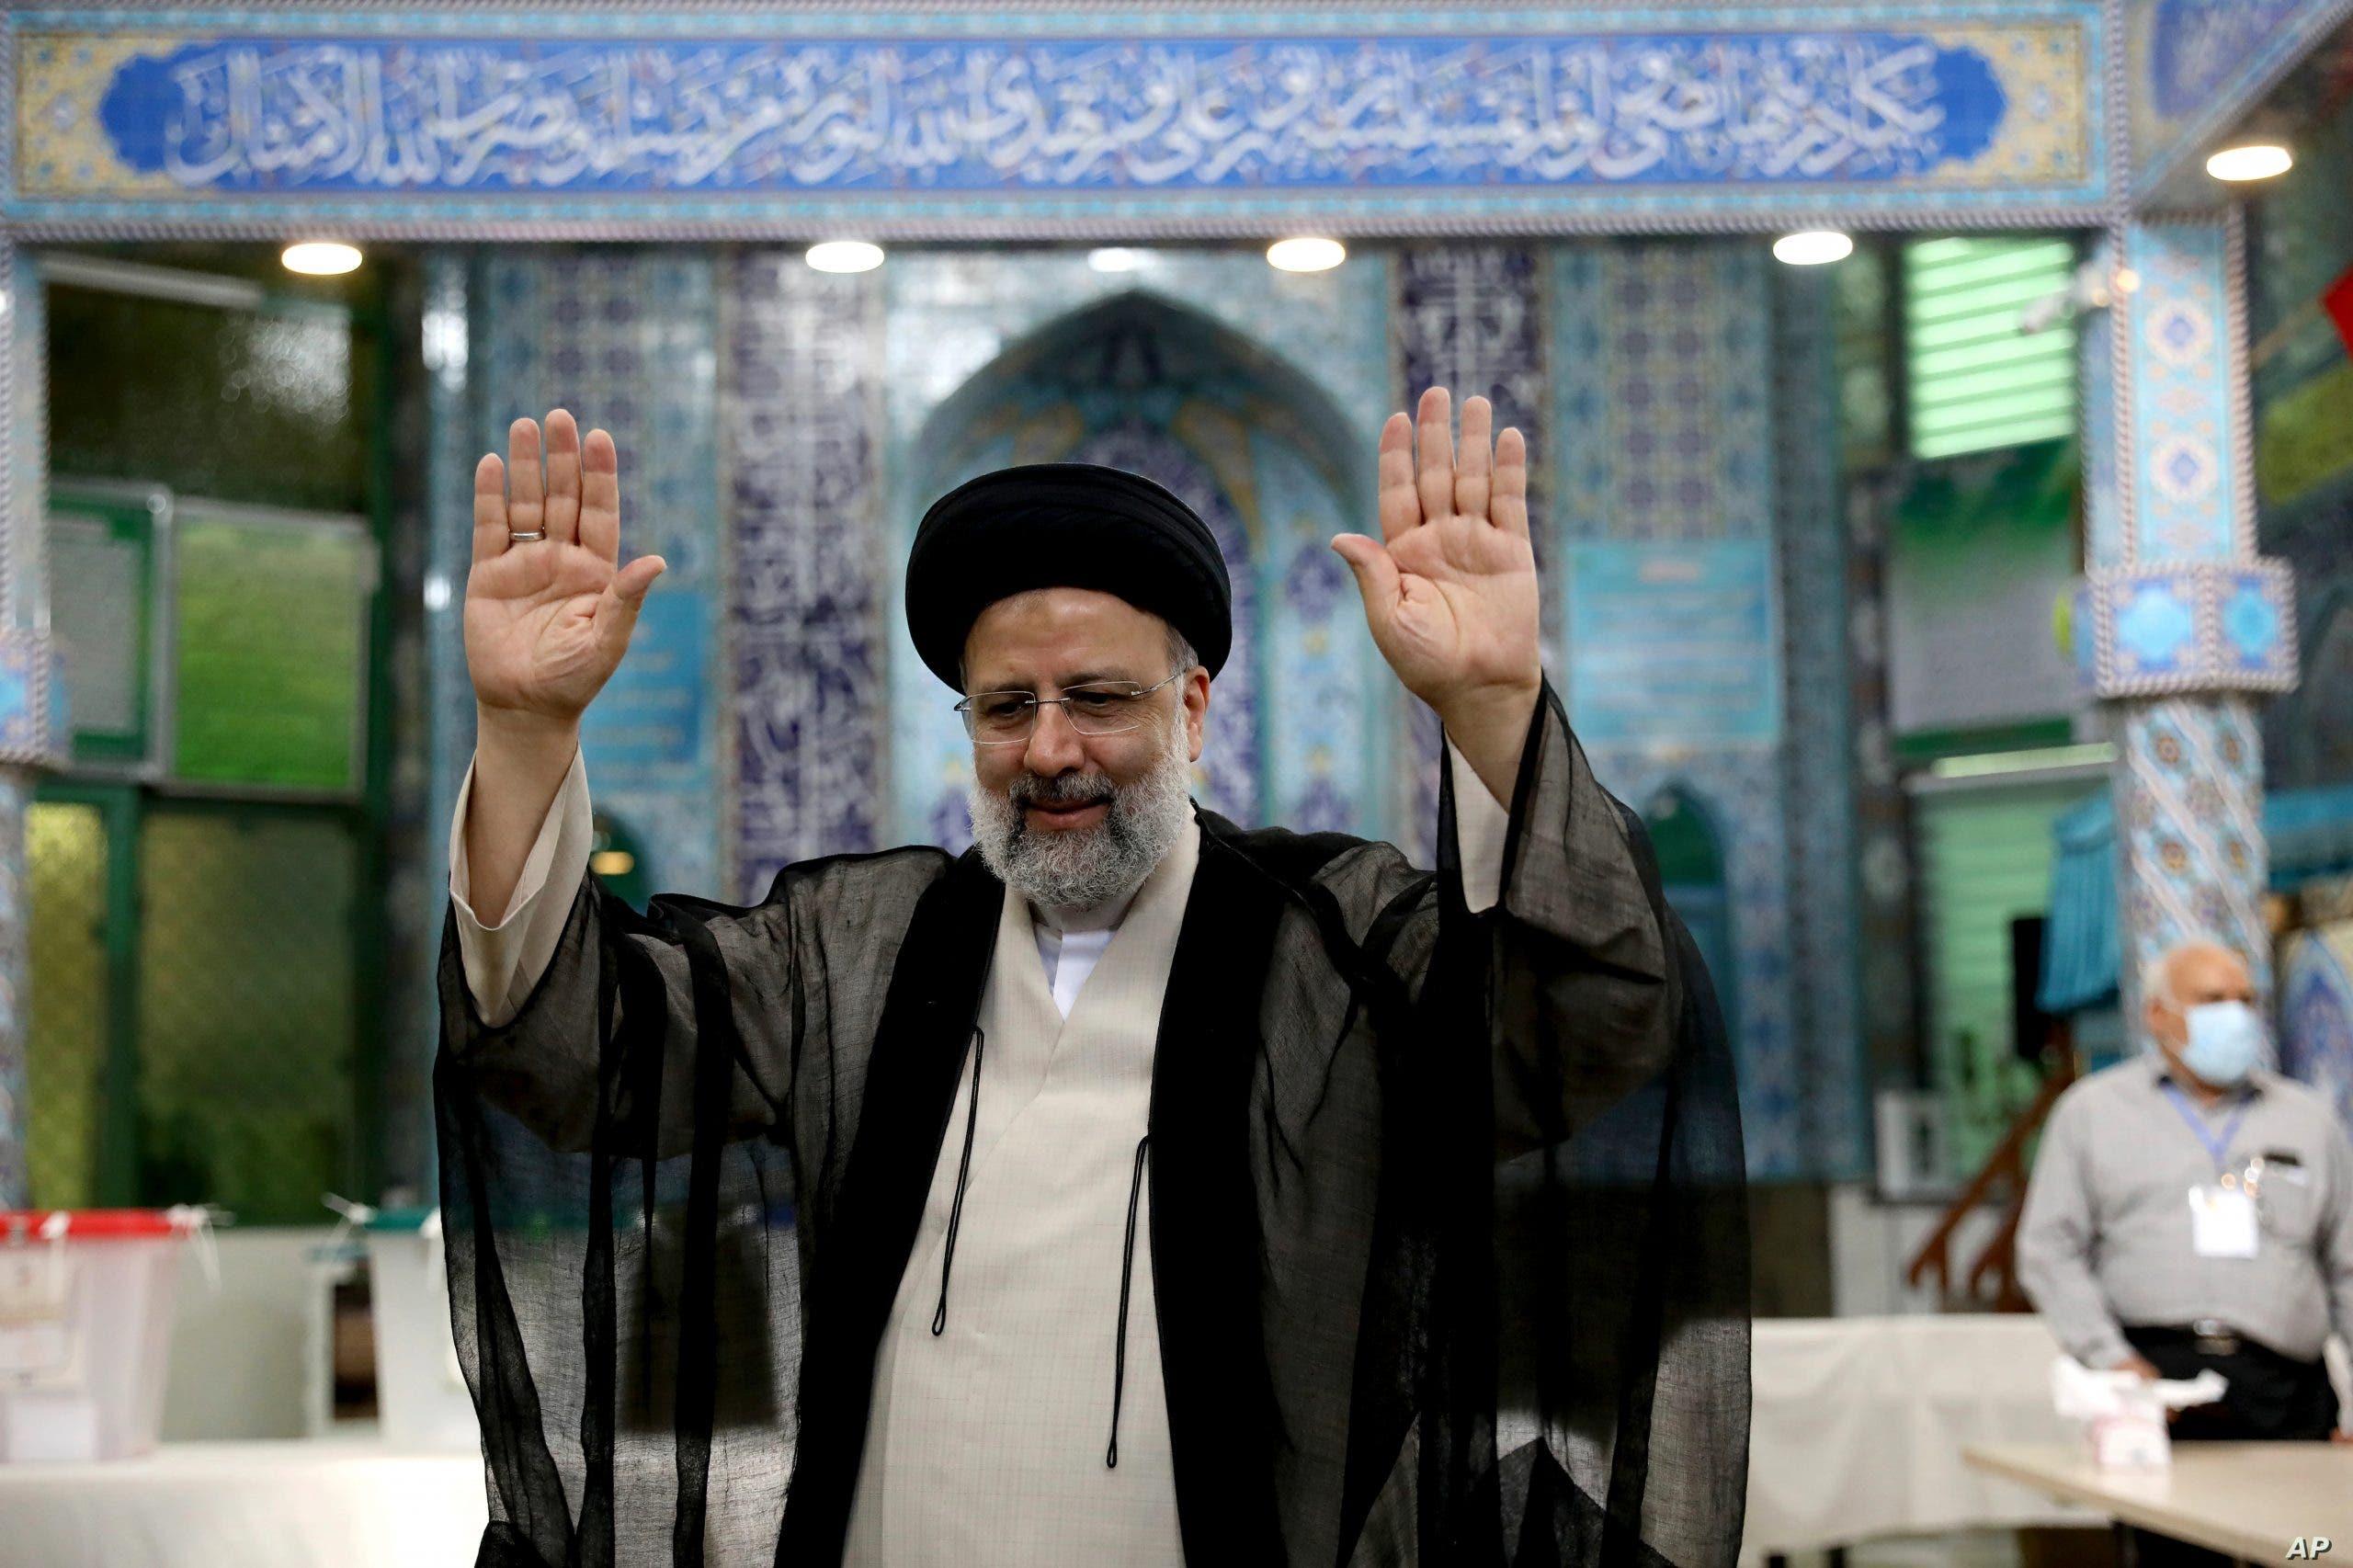 Waa kuma Ebrahim Raisi – Muxaafidka mayalka adag ee noqday madaxweynaha Iran?